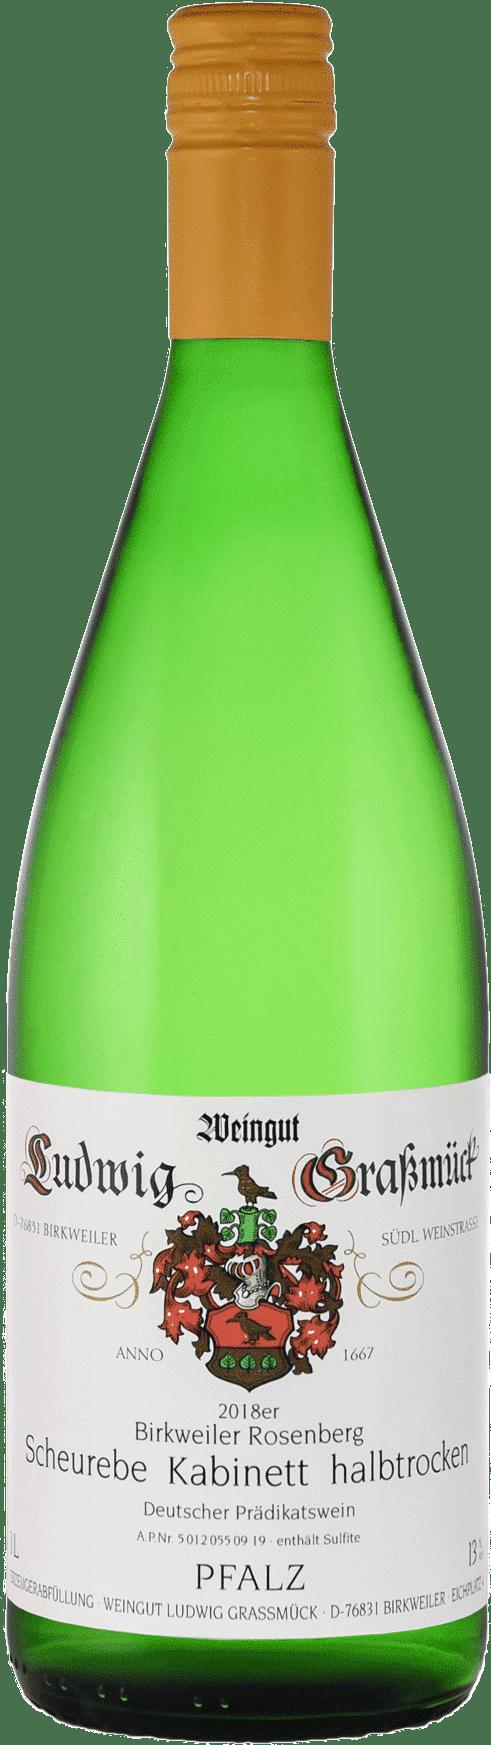 Weingut Ludwig Graßmück, Simon Graßmück, Scheurebe Kabinett, halbtrocken